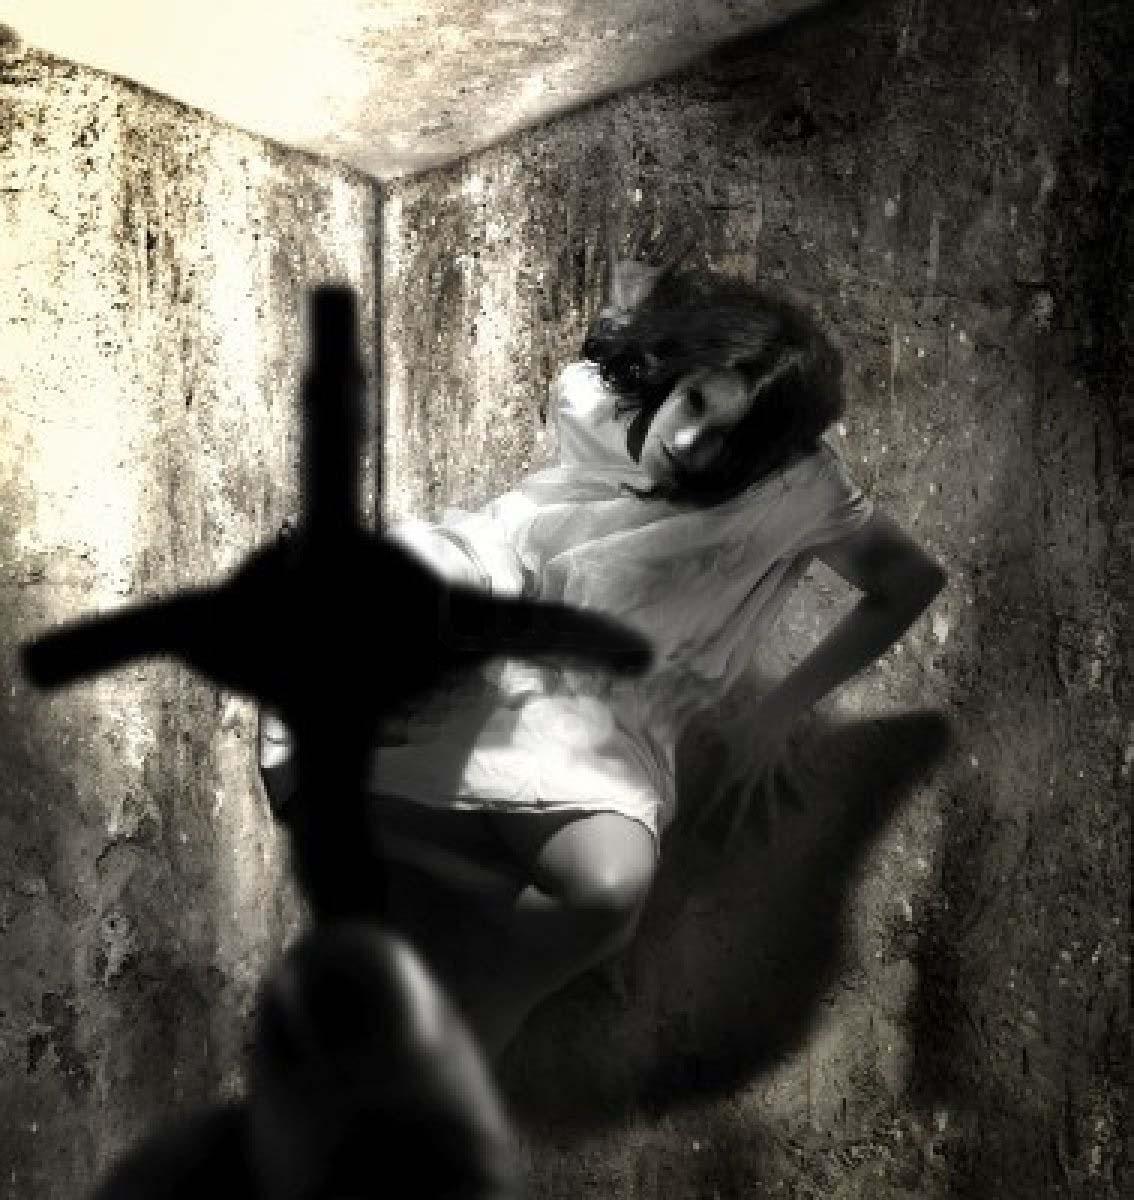 Exorcismo - Mujer sufre una parada cardíaca durante un exorcismo